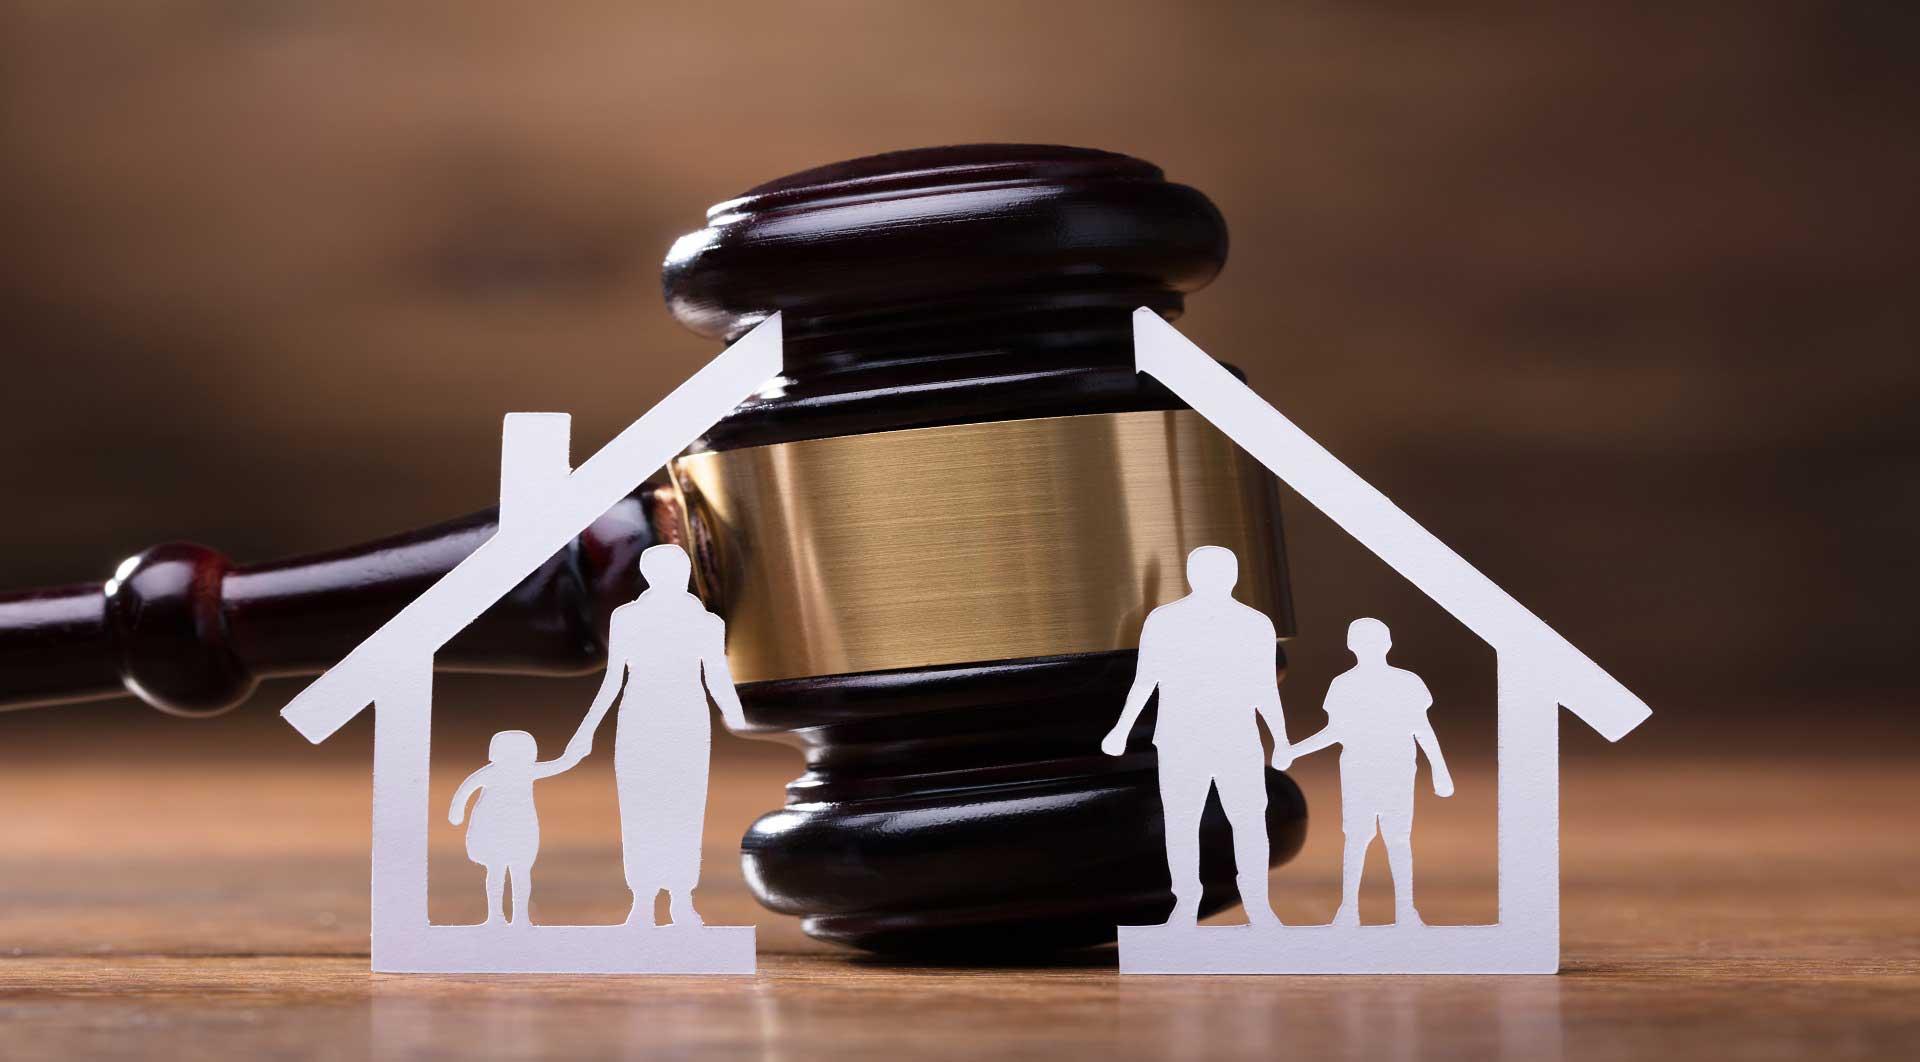 Requisitos para divorcio en guatemala